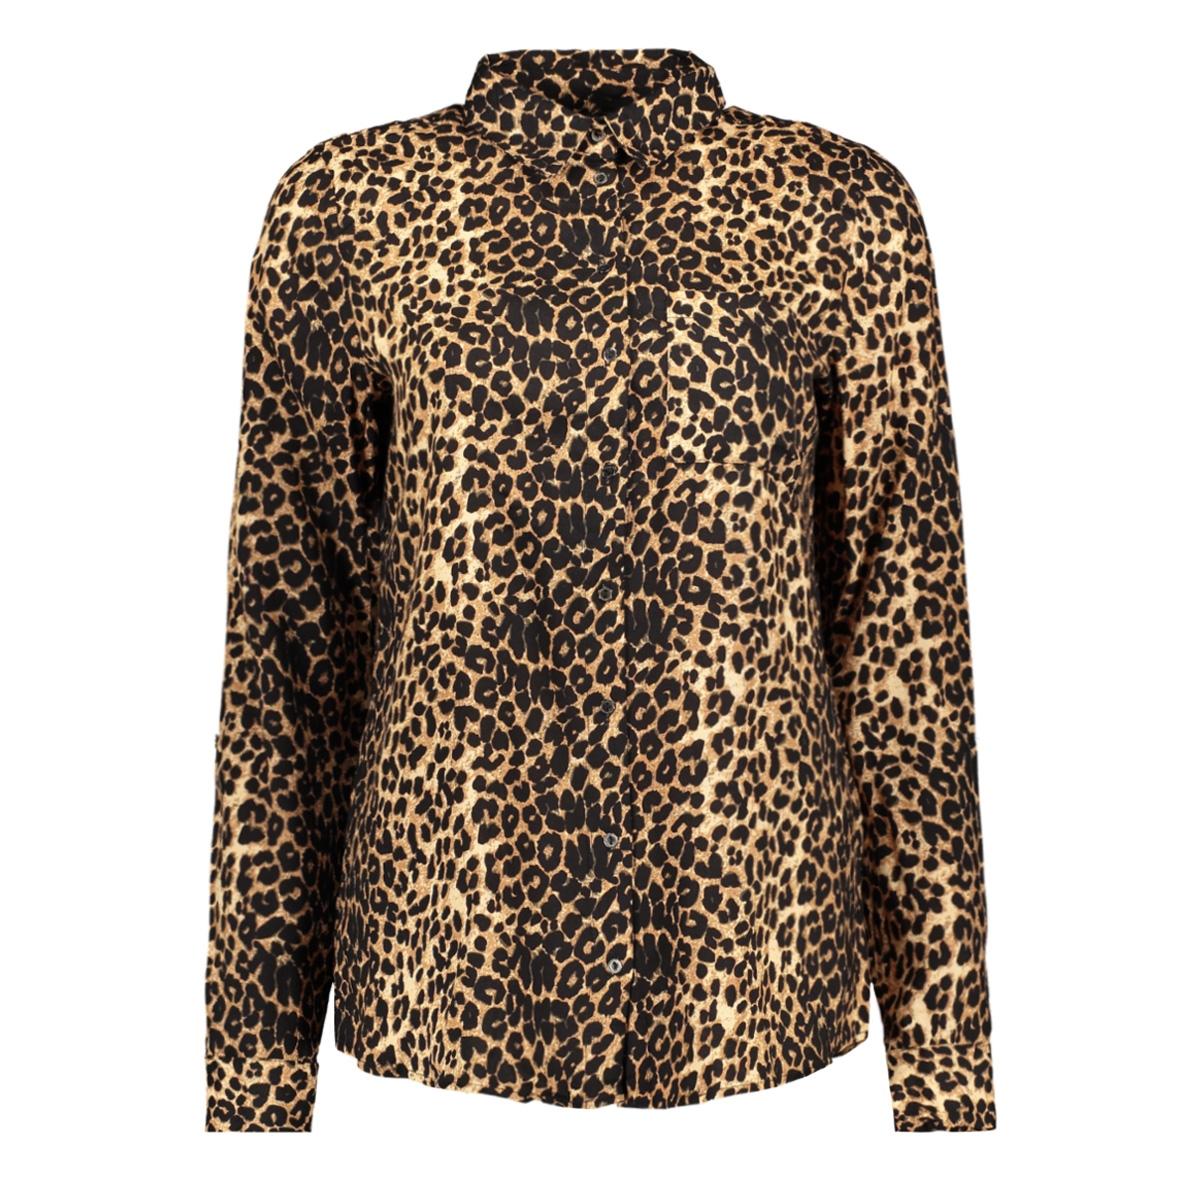 onljosefine l/s animal shirt wvn 15182324 only blouse black/leo